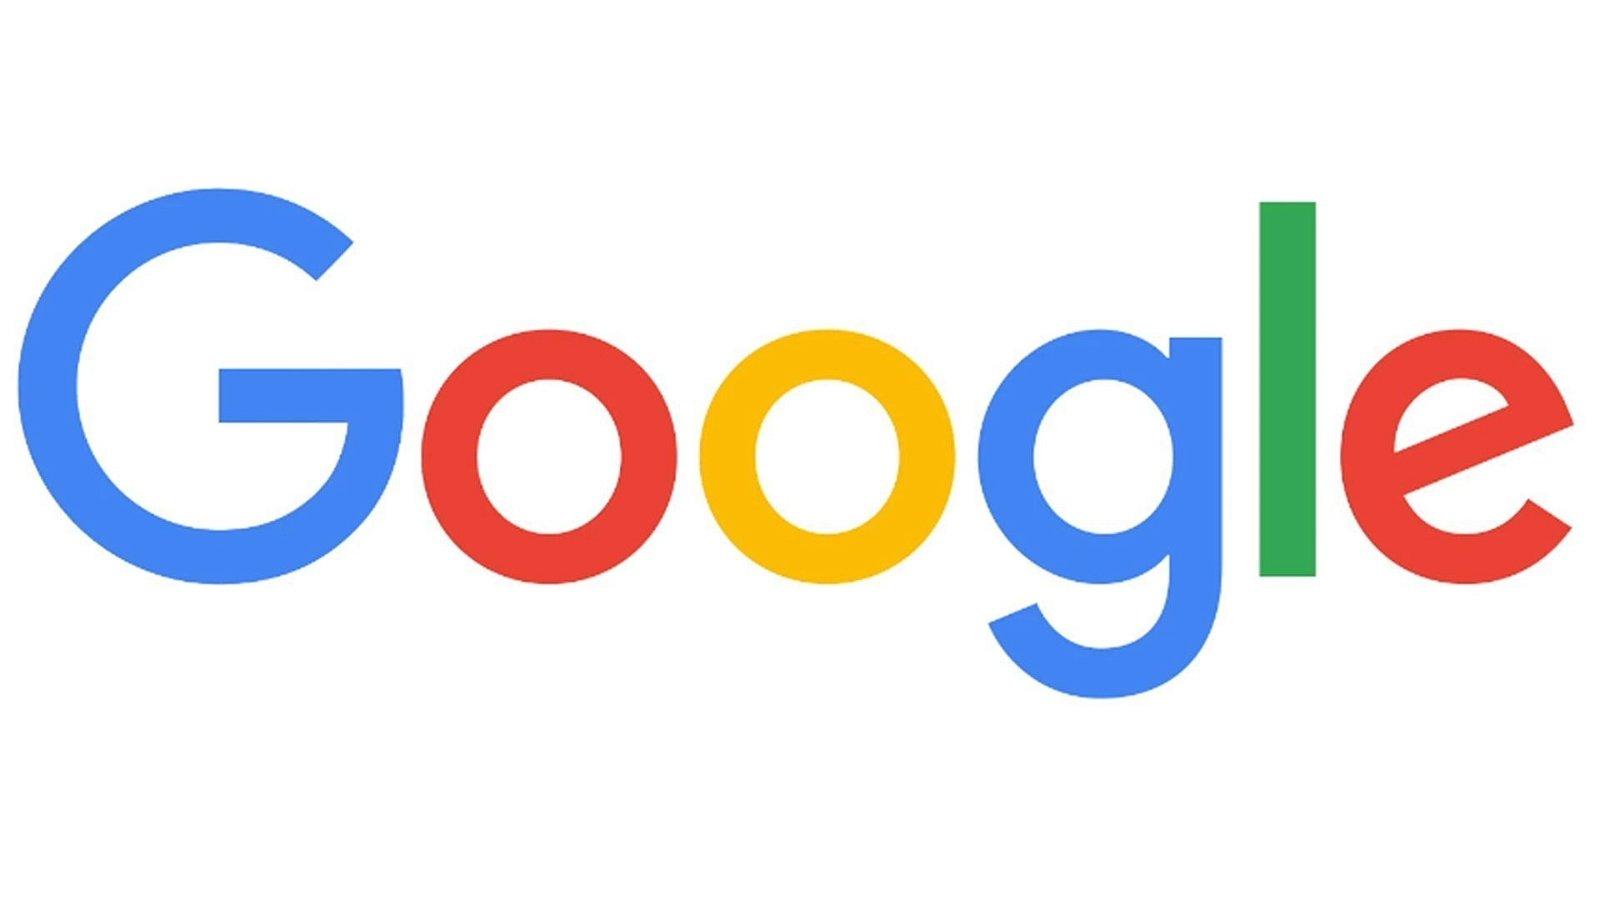 Google esconde estos adictivos trucos en sus servicios